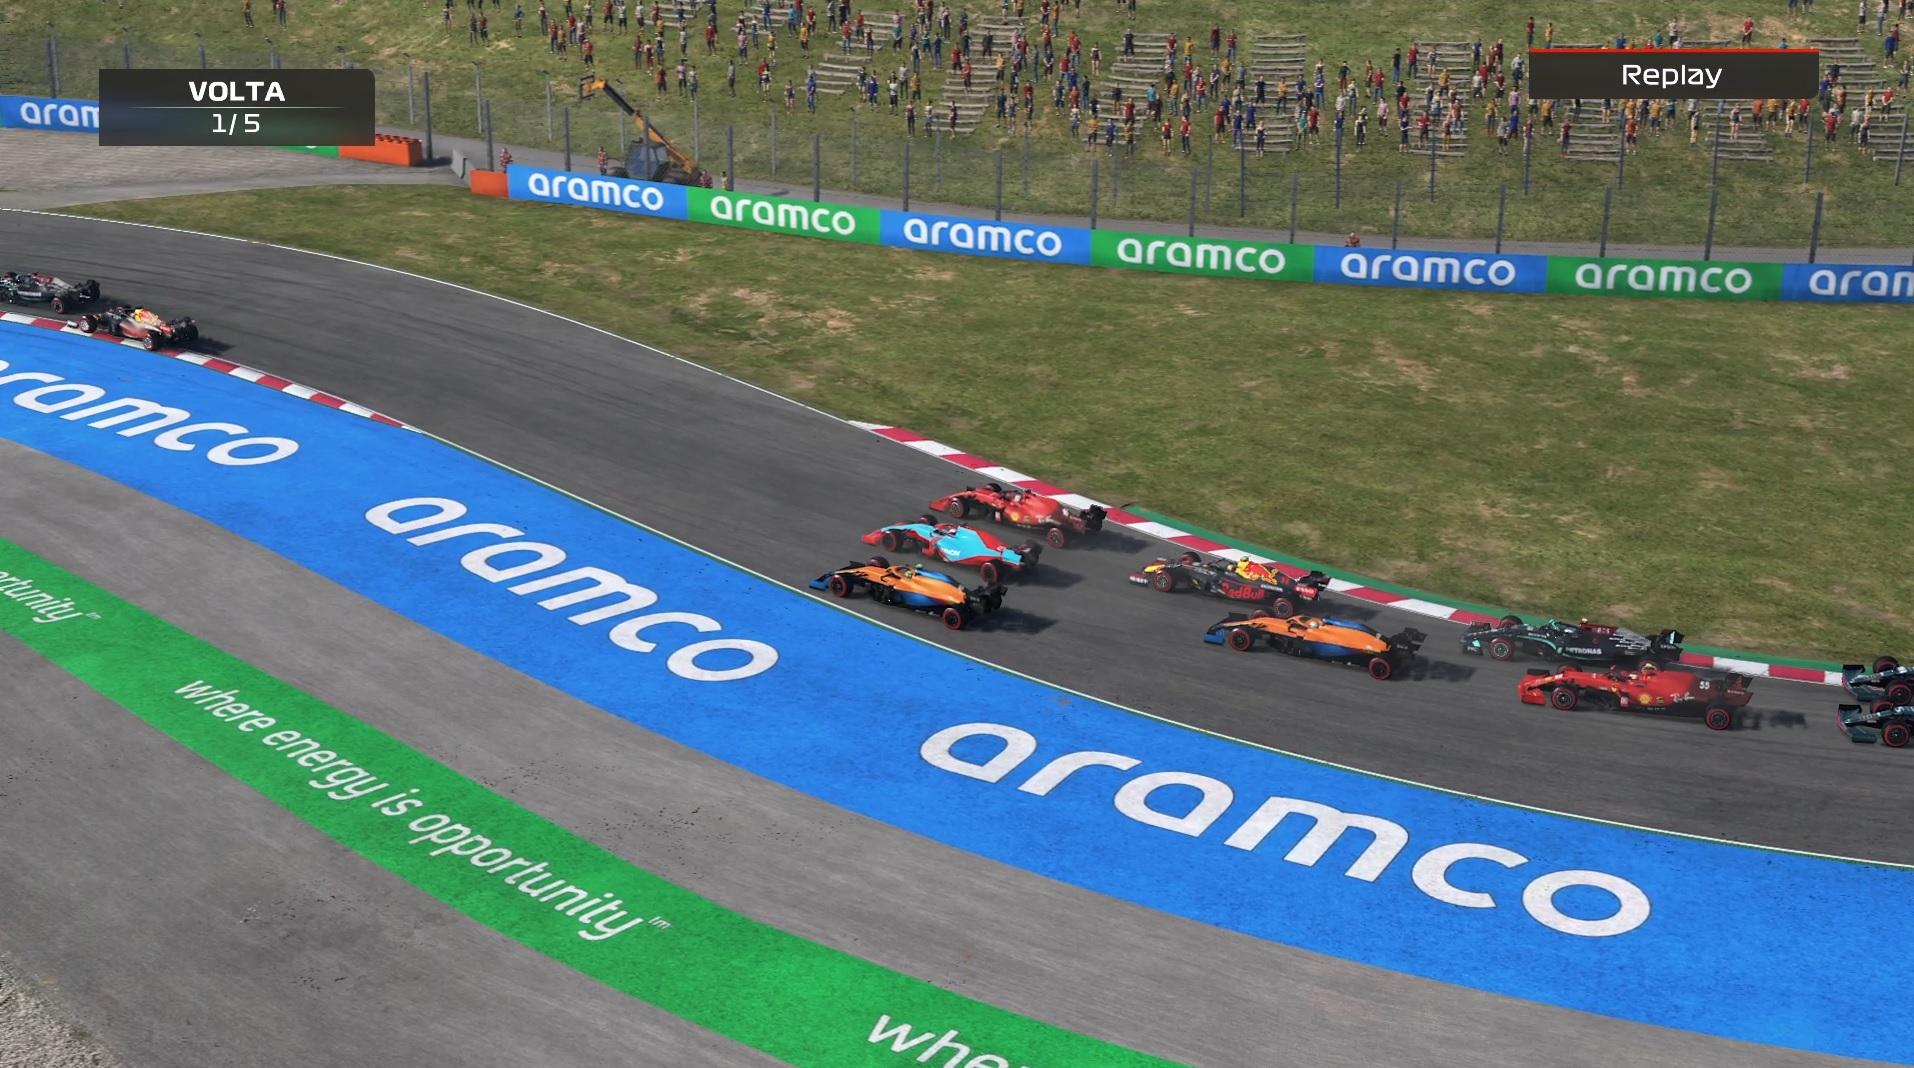 F1 2021 continua atraente, mas com muitos elementos reciclados